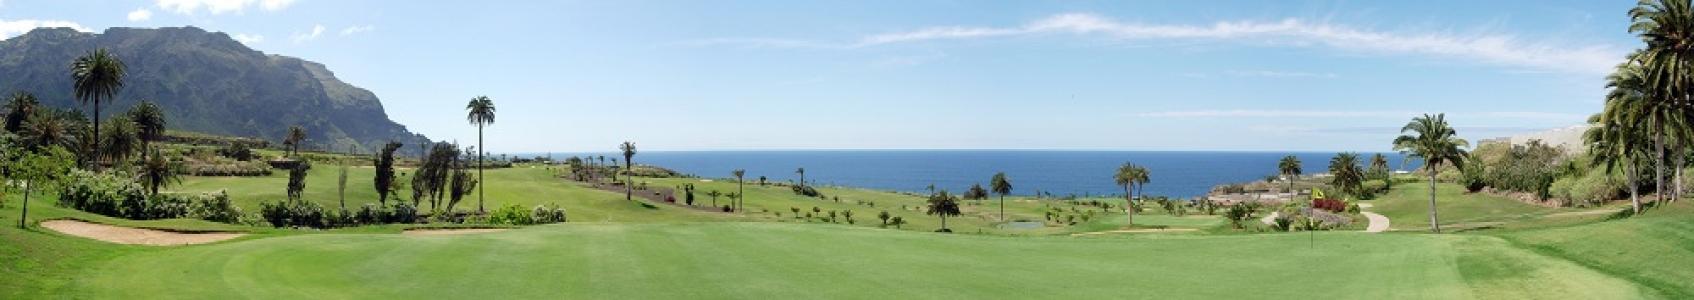 La panorama du golf de Buenavista.